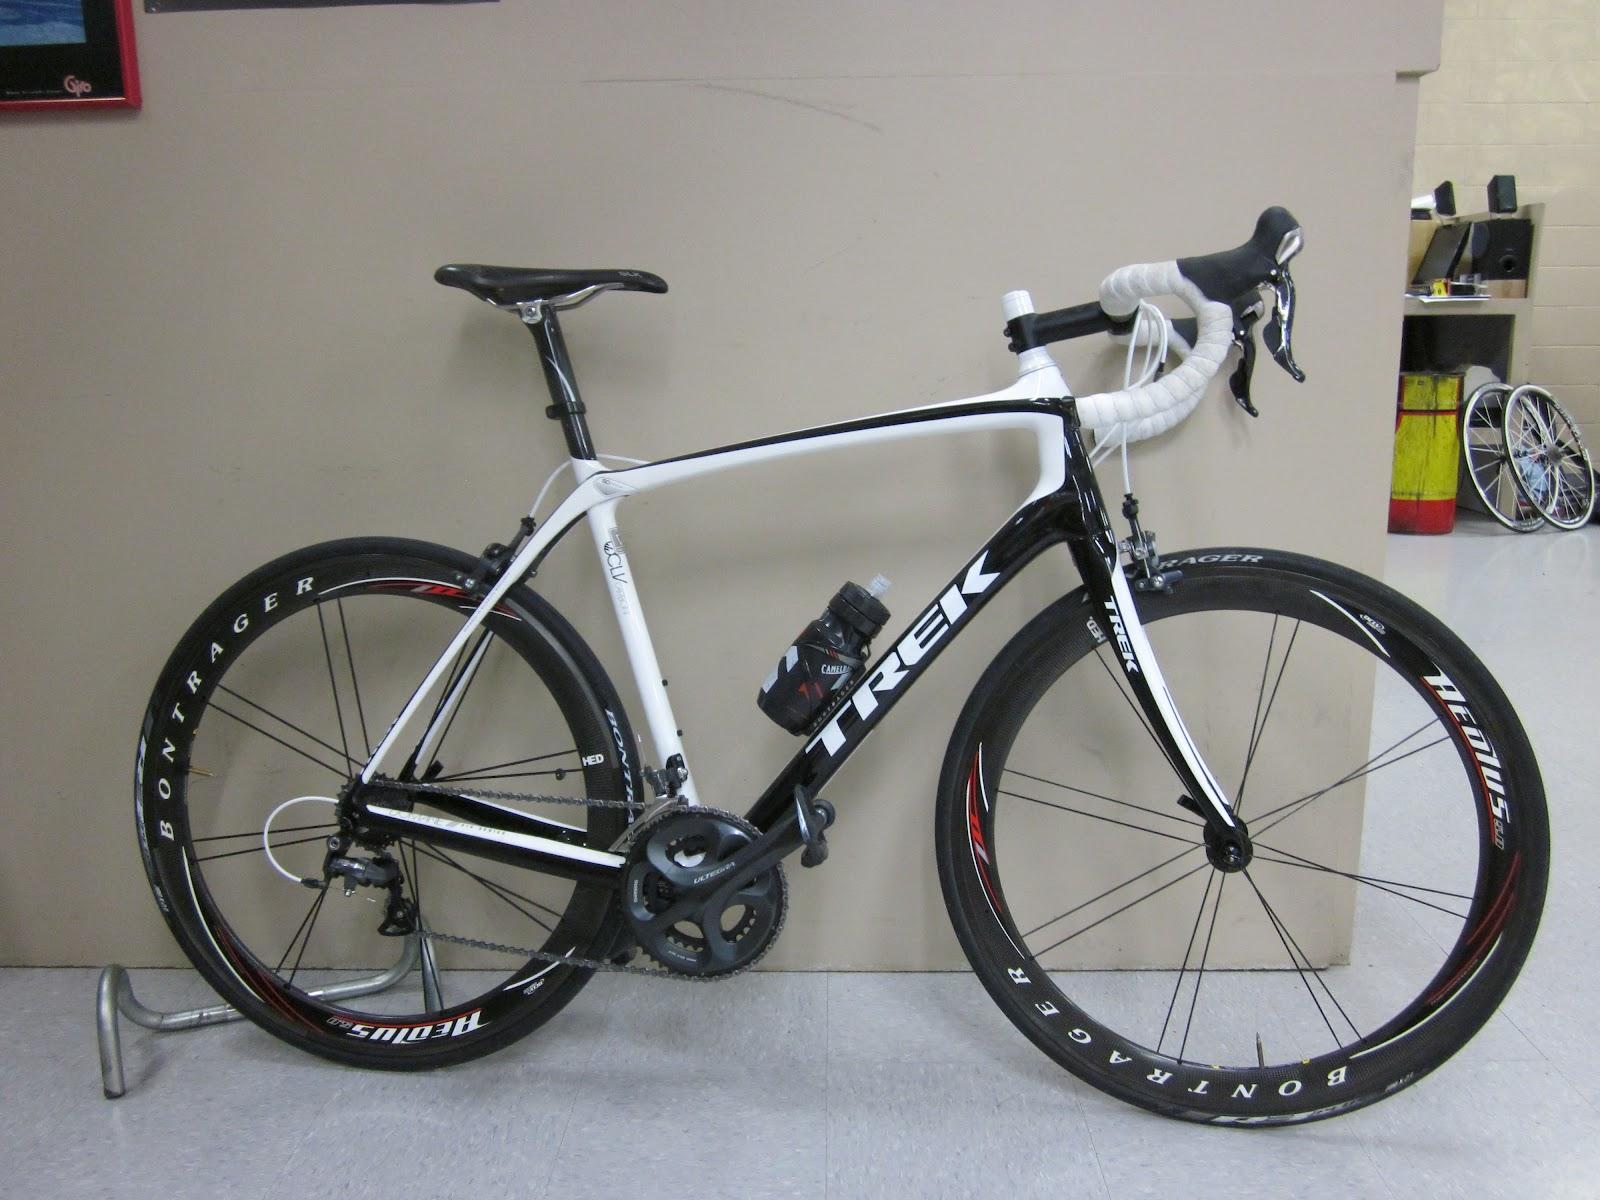 Big E's Cycling: A Bike Review: Trek Domane 6 Series